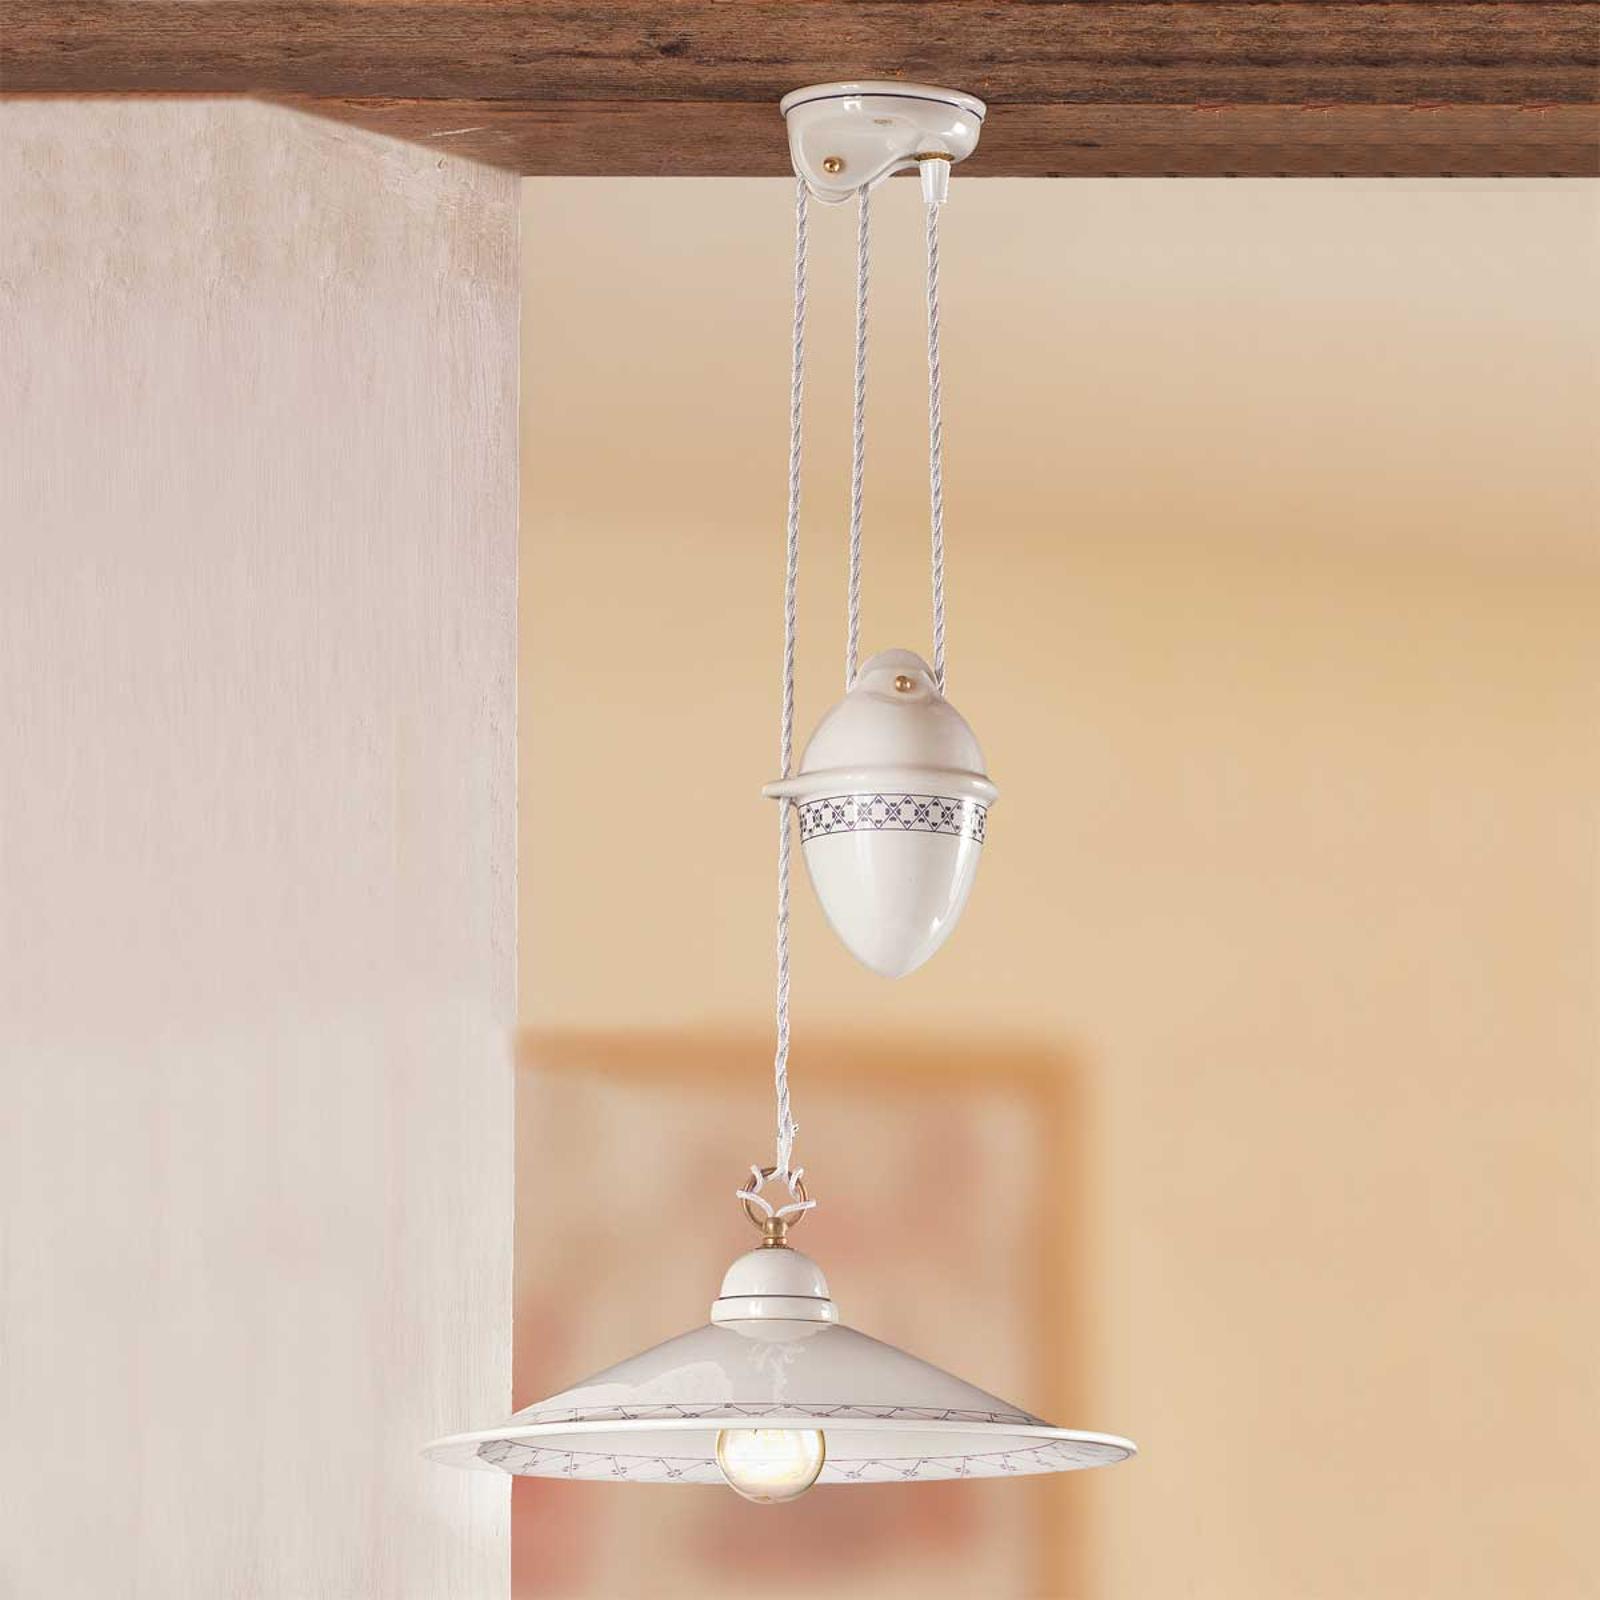 Závesná lampa CROCIA so zaťažovacím závažím_2013013_1